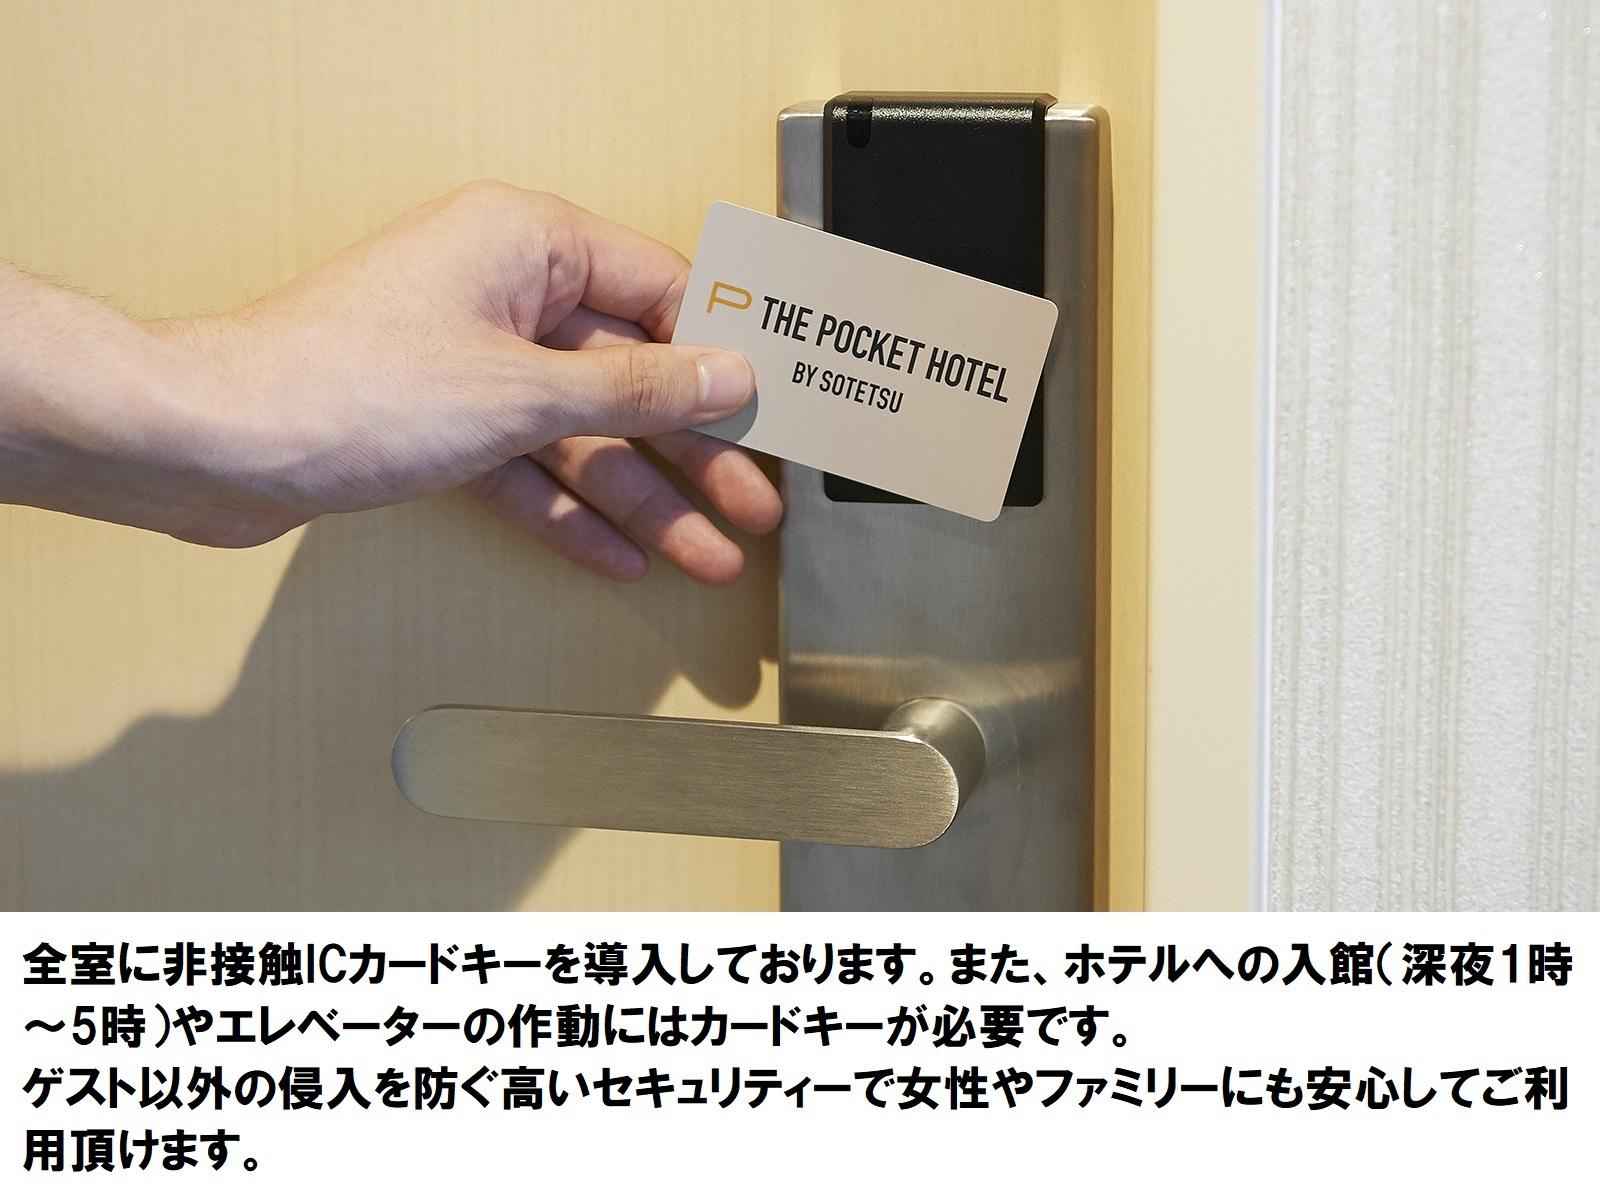 ザ・ポケットホテル 京都烏丸五条 / POCKET スタンダードプラン